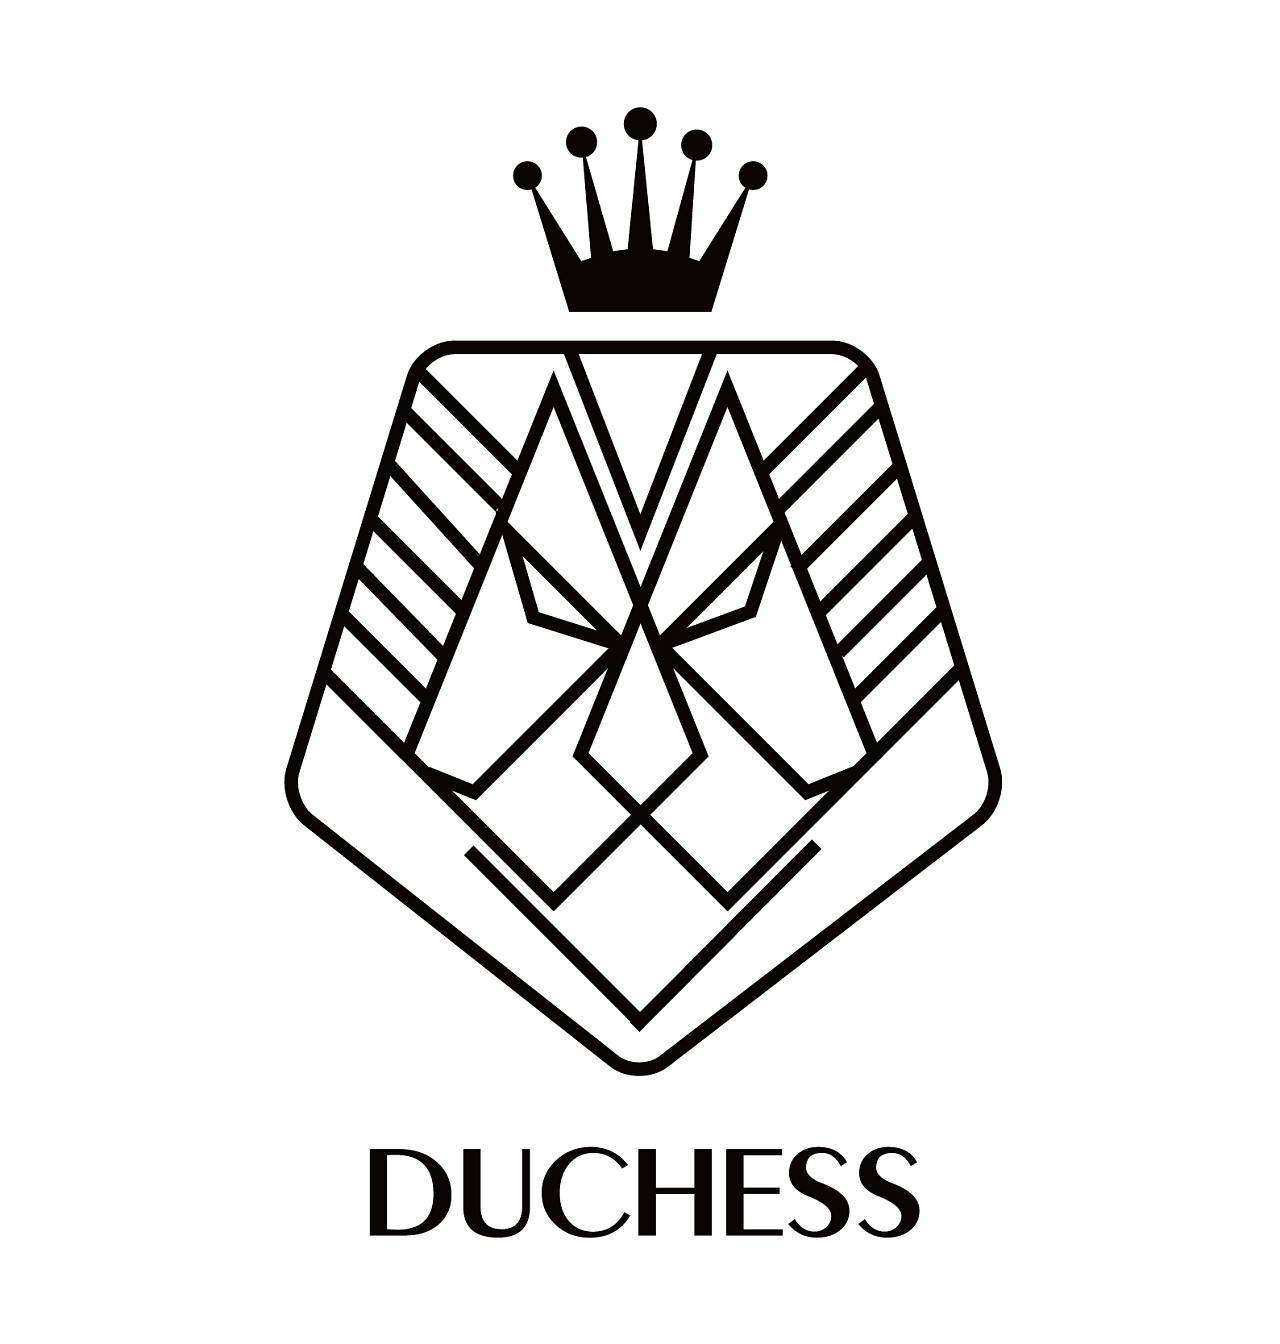 霸气的狮子logo图片